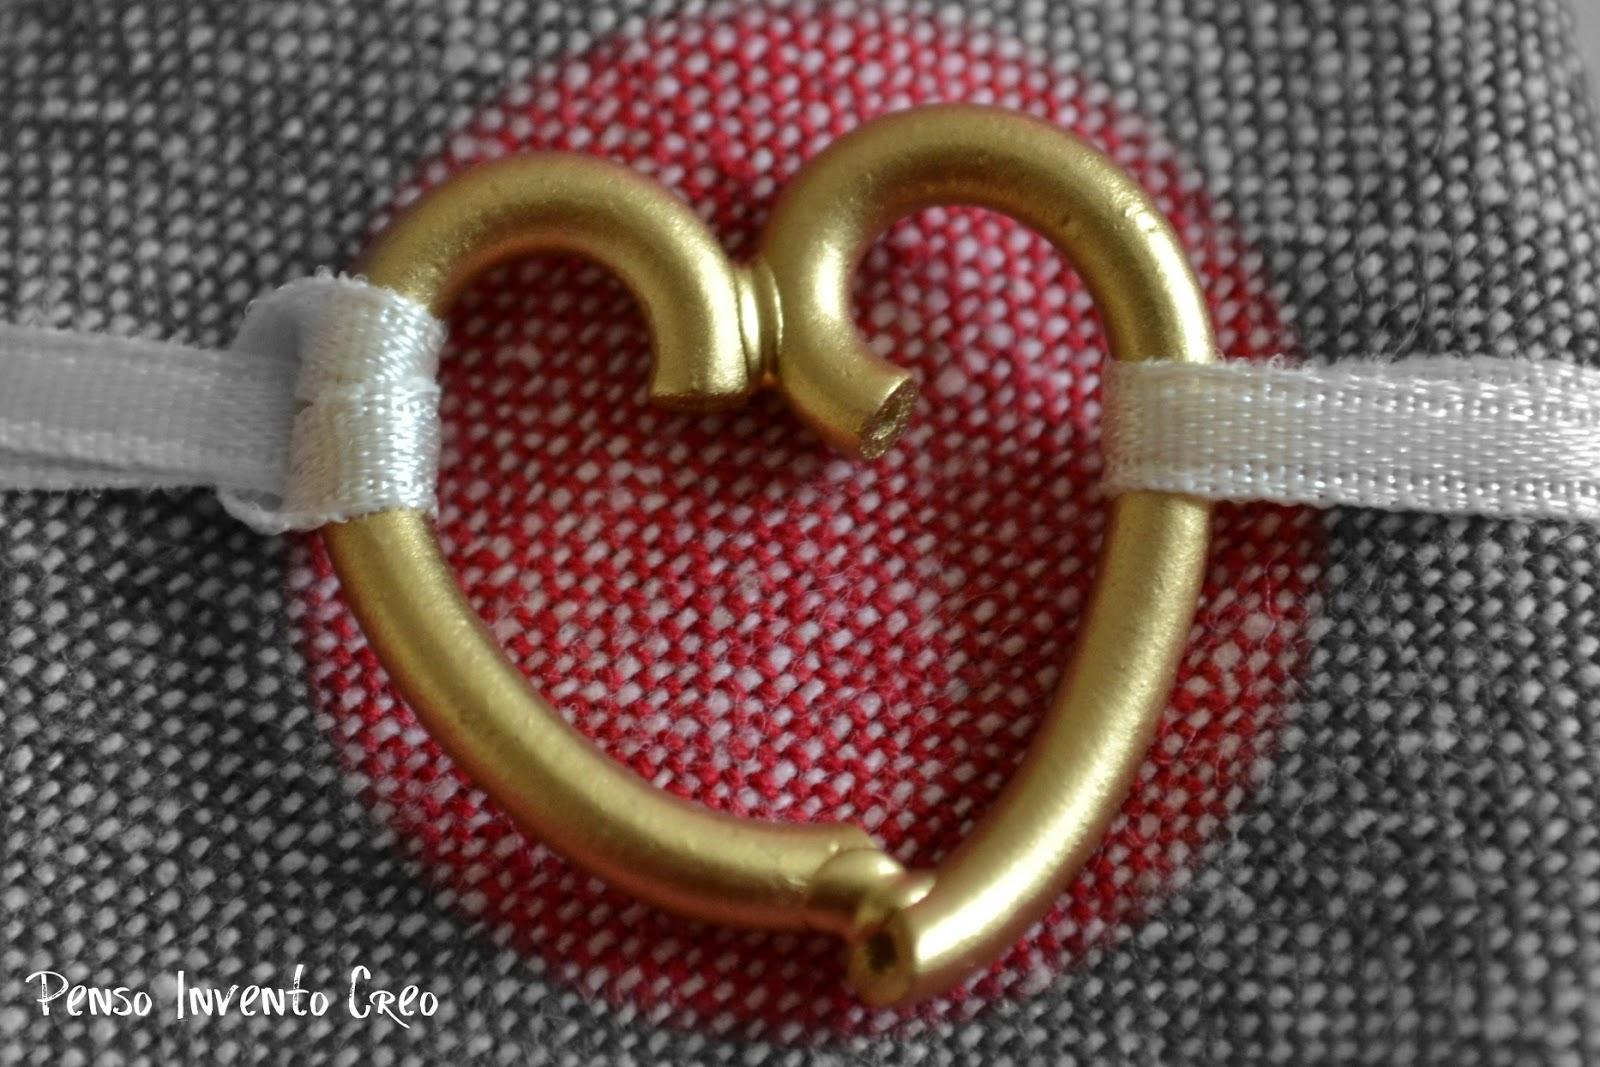 San valentino fai da te la decorazione segnaposto penso invento creo - Decorazioni san valentino fai da te ...